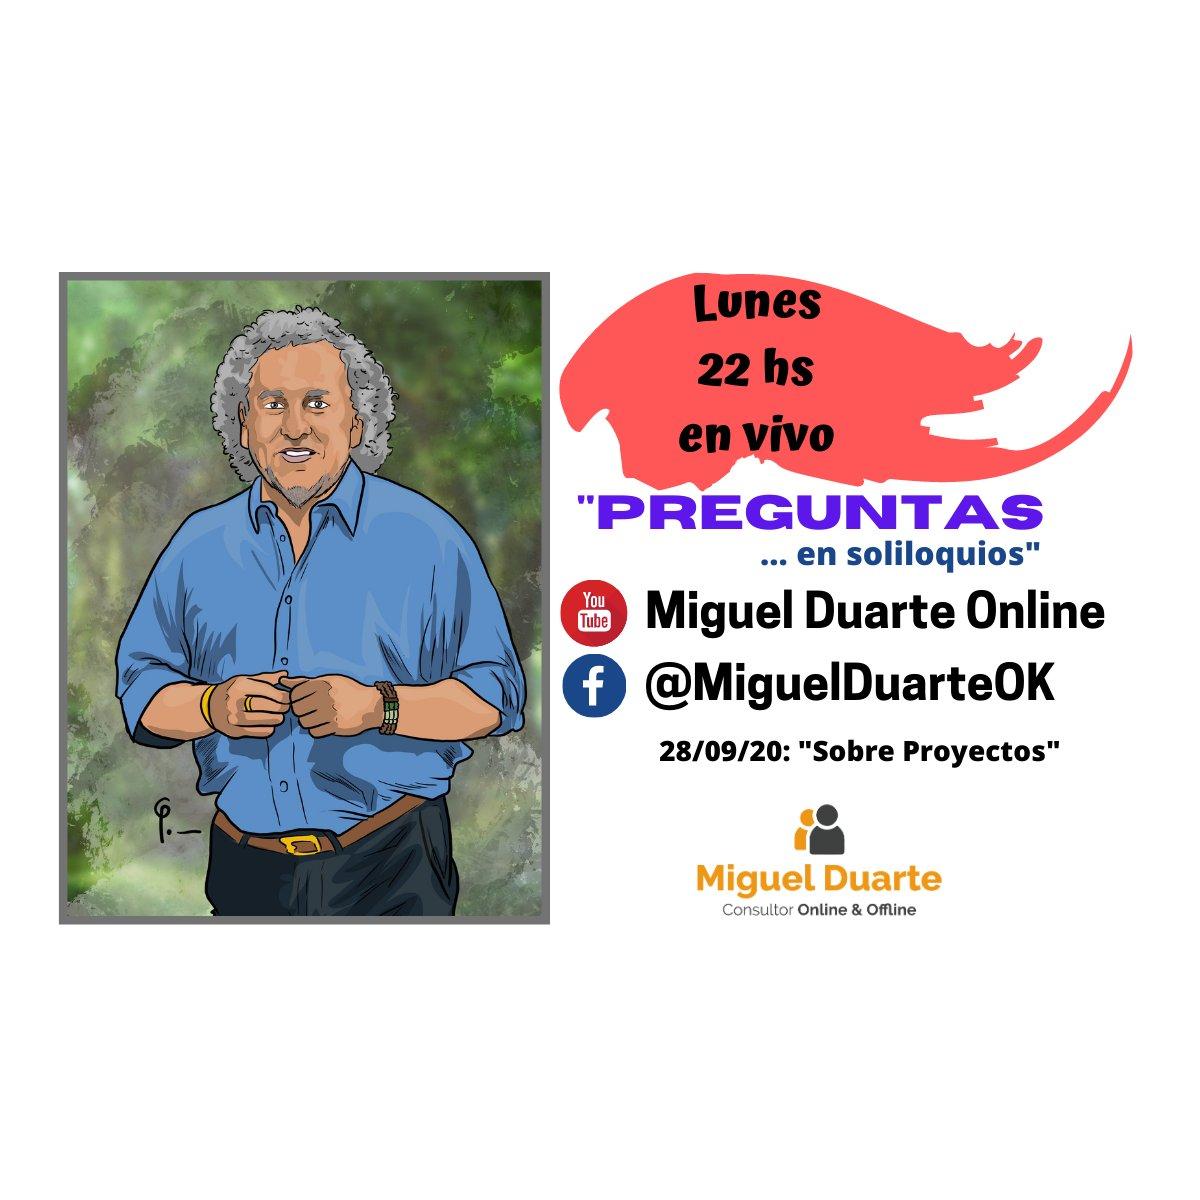 """💻 """"Preguntas ... en Soliloquios 📲 En Vivo 🔎 Tema: """"Sobre Proyectos"""" 🕙 22 hs Argentina #Preguntas #Soliloquios #Consultoría #Online #Offline #Oratoria #liderazgo #Gestión #Comunicación #Confianza #Proyectos #ProyectosdeInvestigación #Postgrados https://t.co/38OlOKhtZg"""